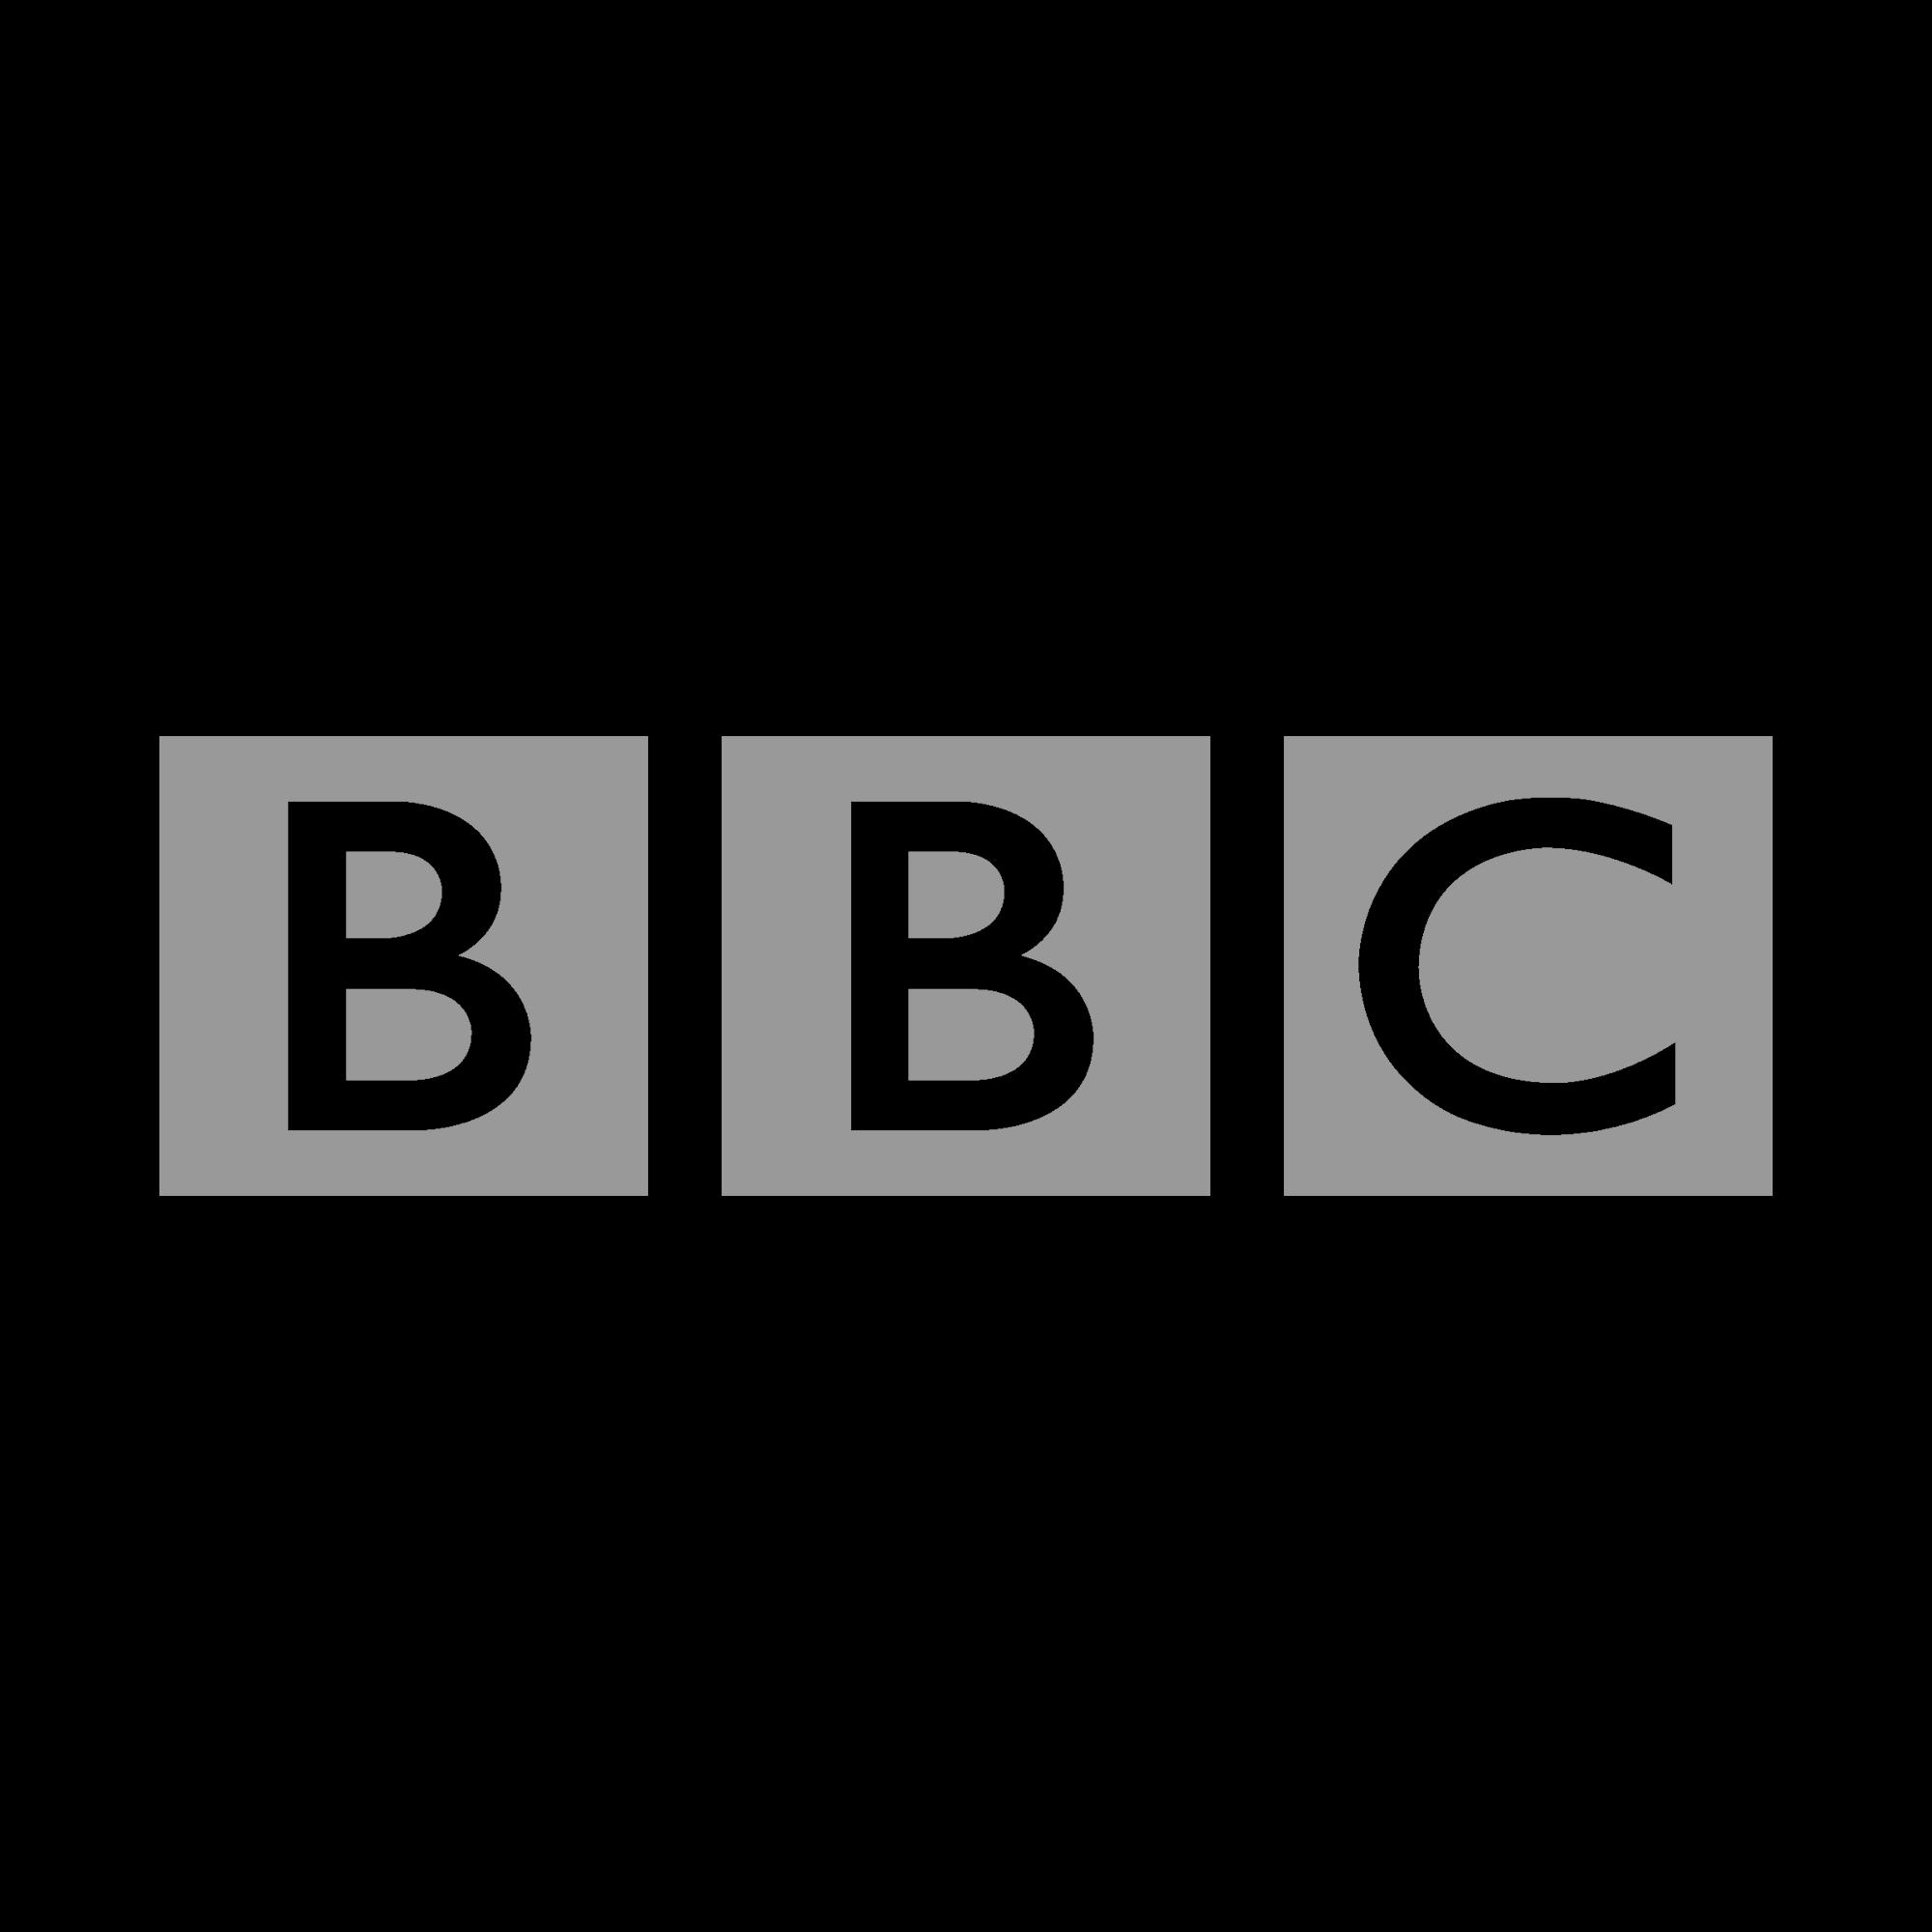 bbc-hover